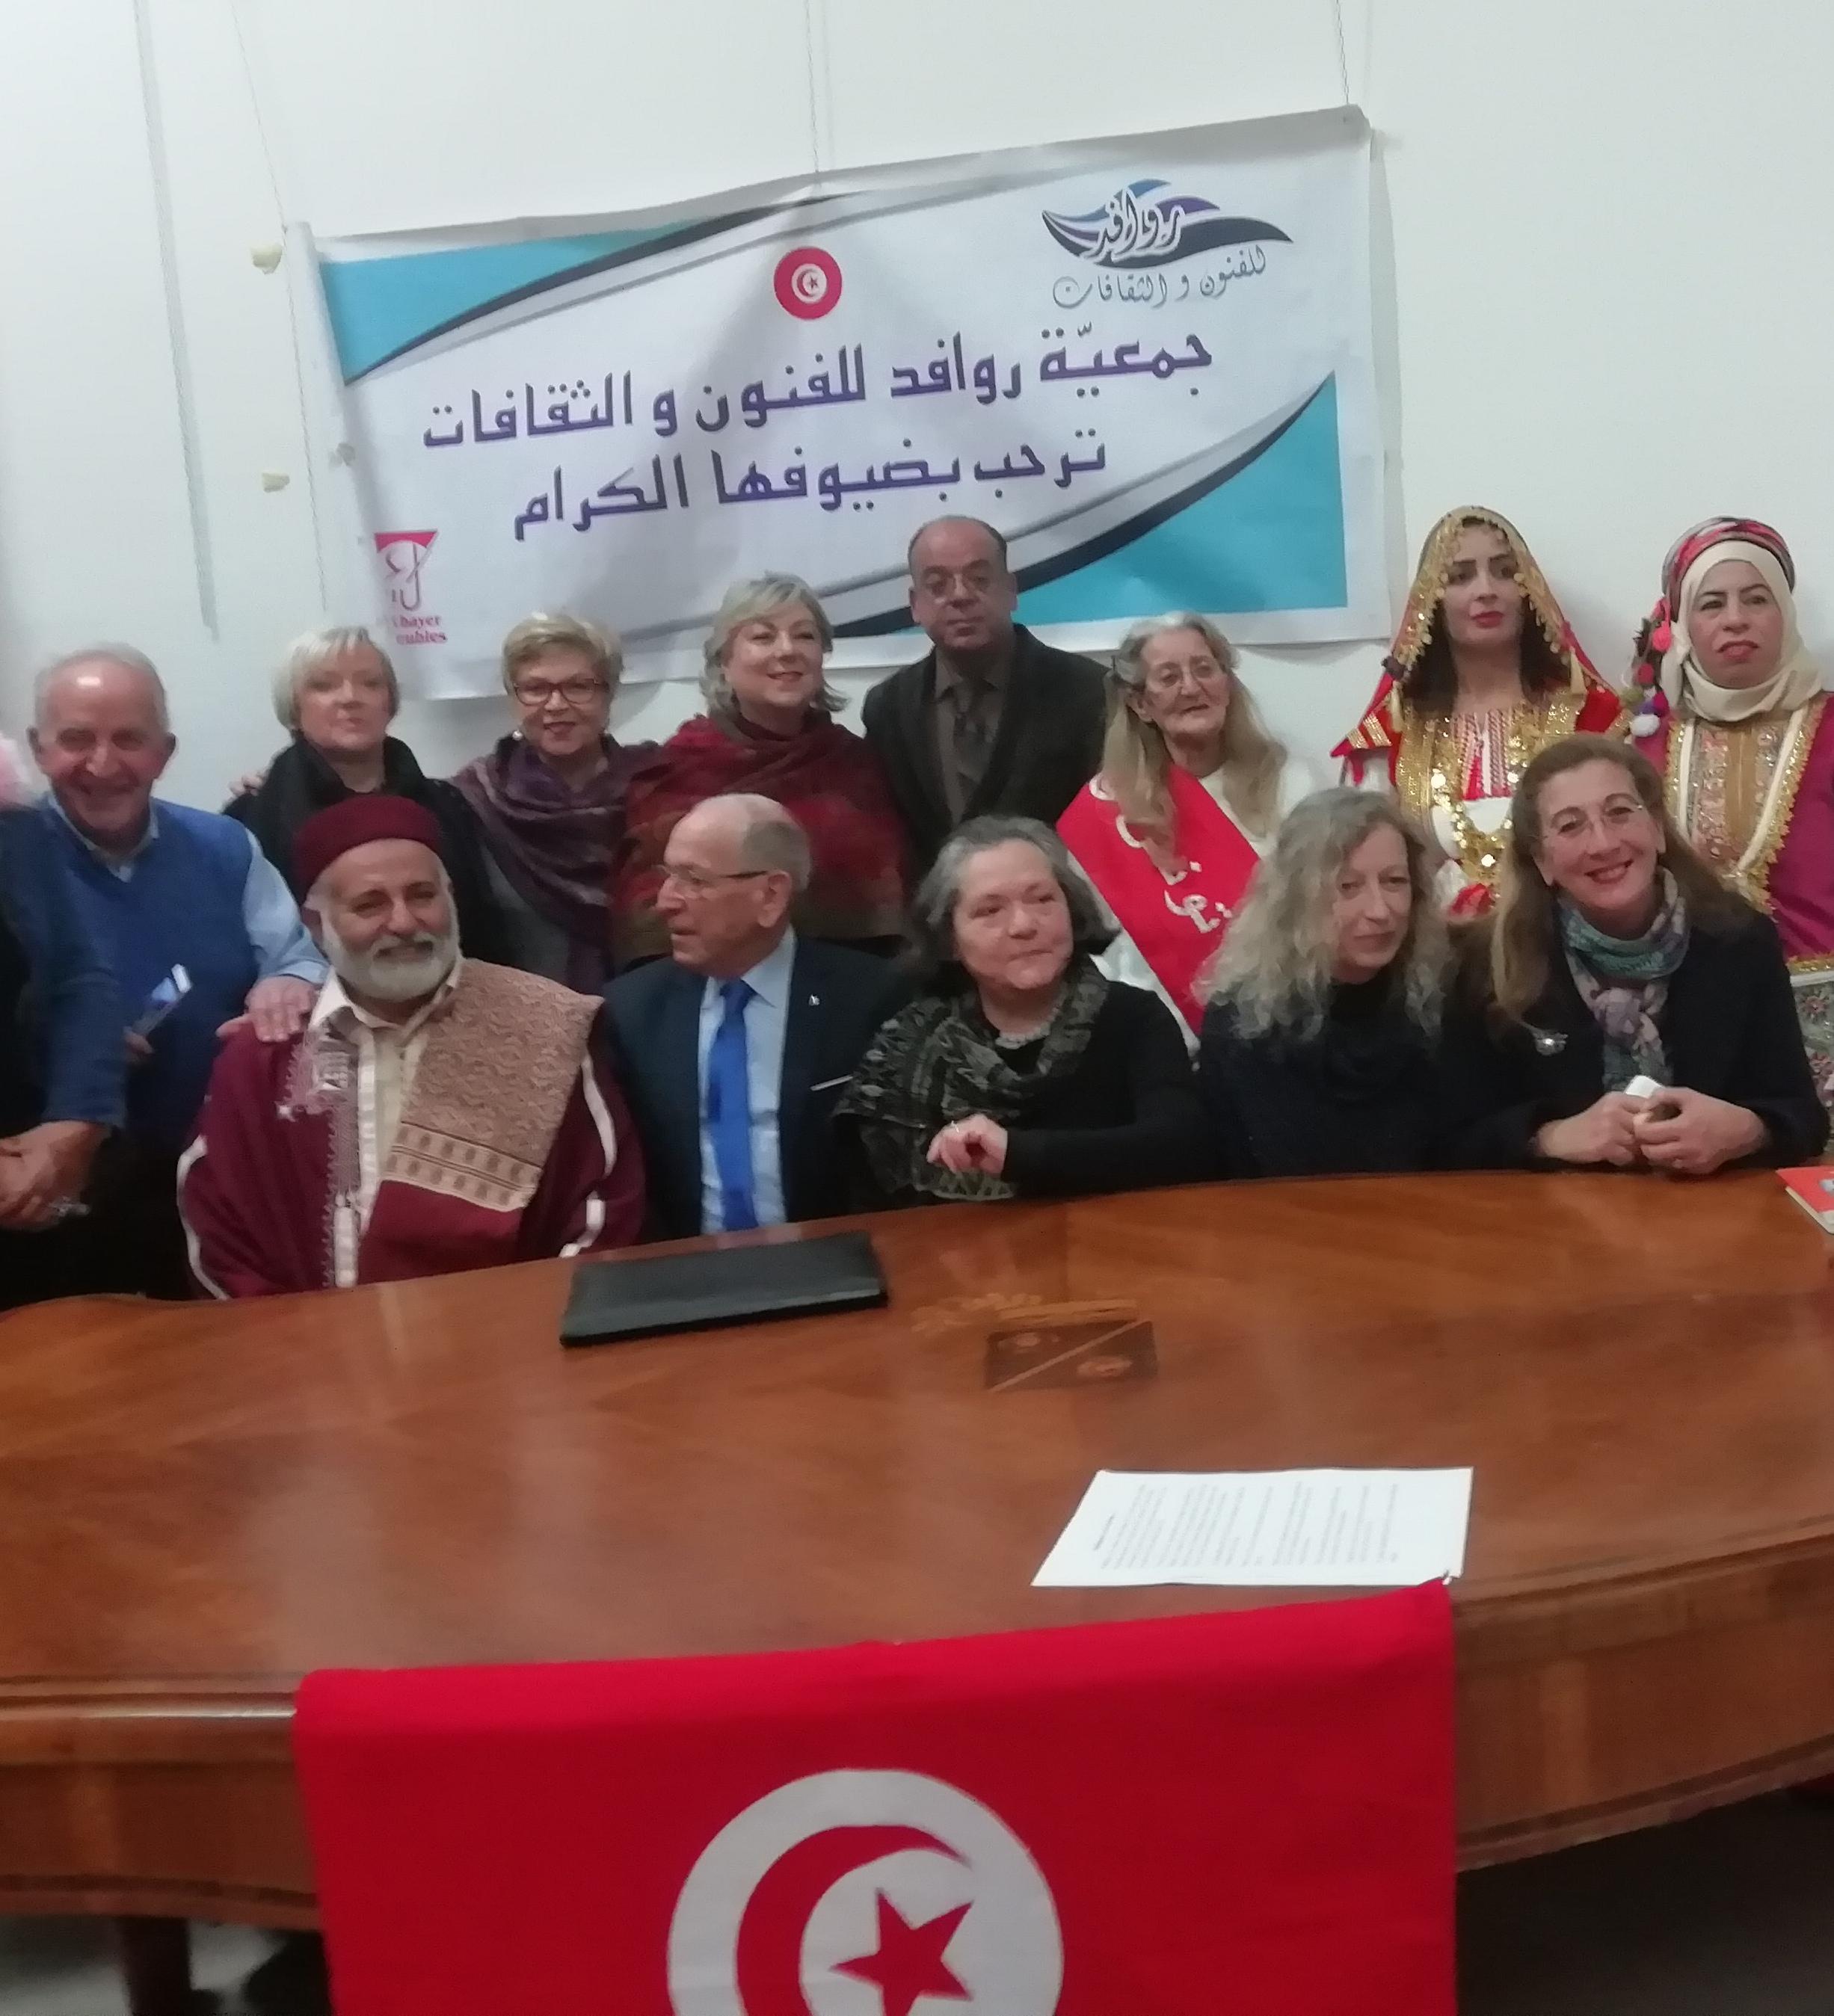 Scambio culturale tra Sicilia e Tunisia: